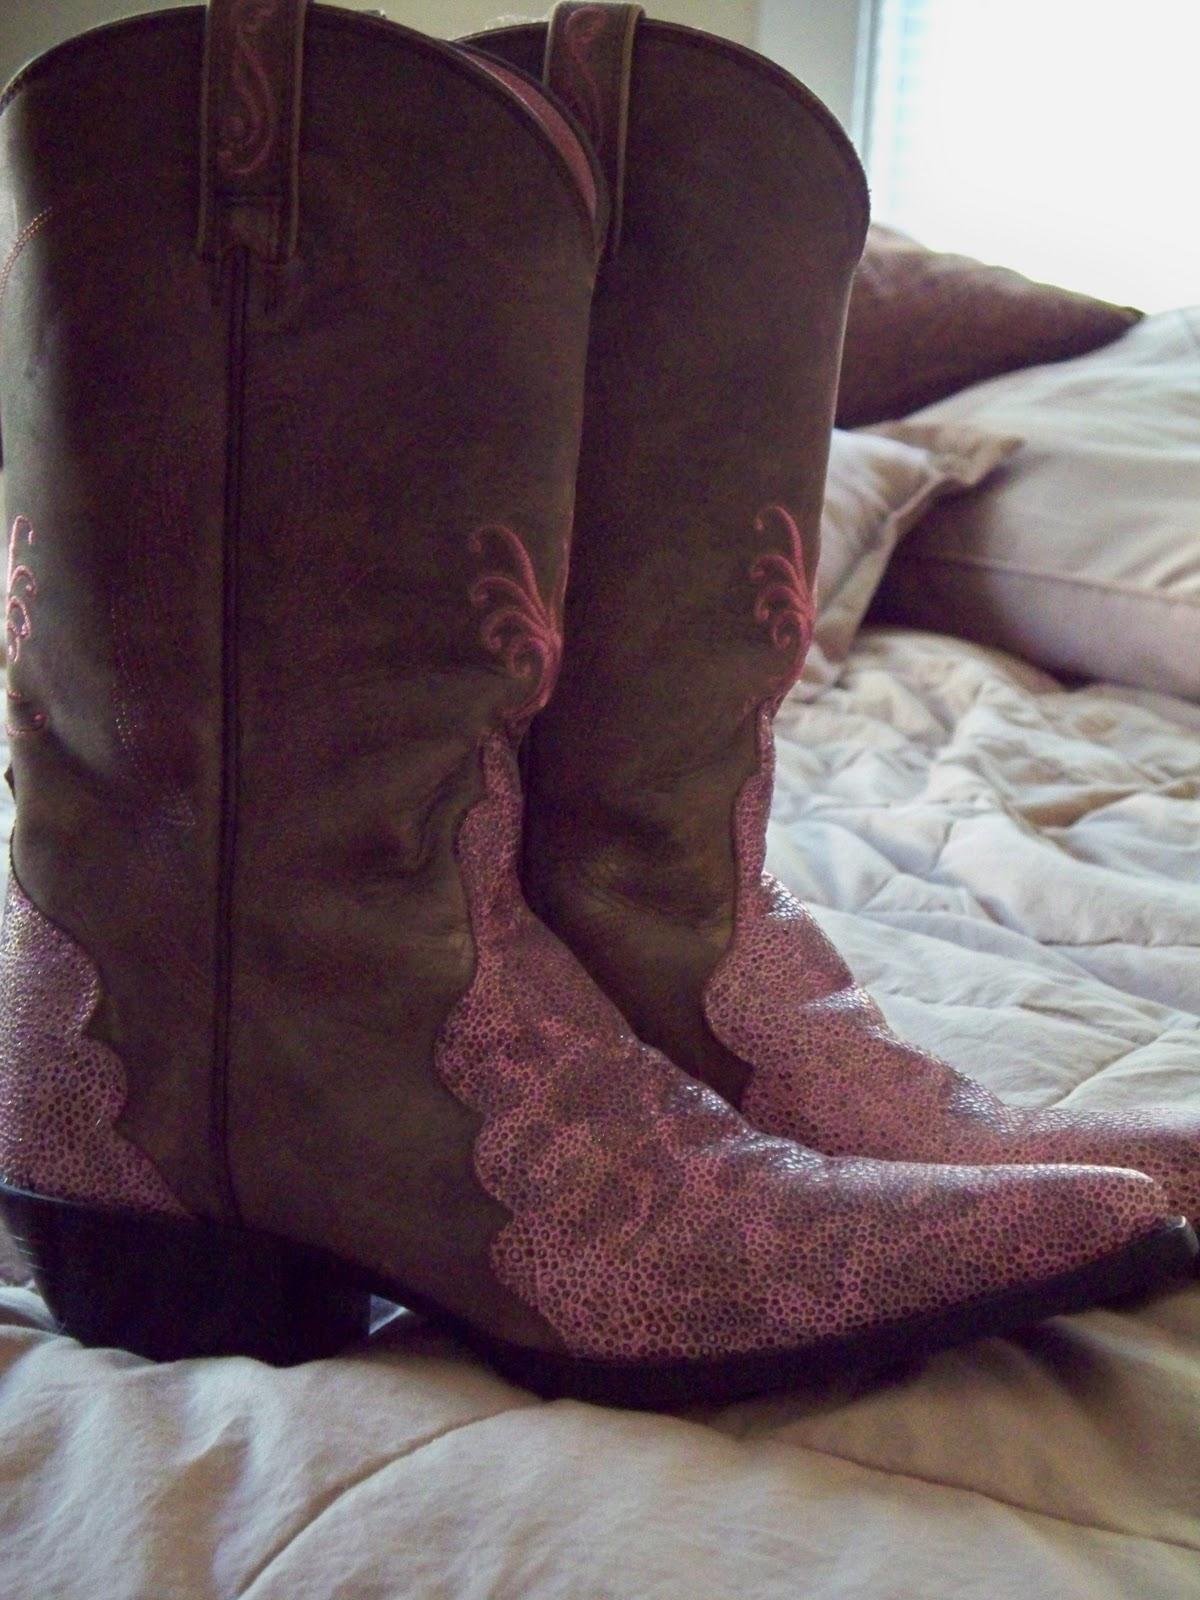 http://4.bp.blogspot.com/_1qcwxik1S5U/TG_M4W8AU2I/AAAAAAAAGu0/ppZZJOxpvII/s1600/Boots+Pink+Brown.jpg